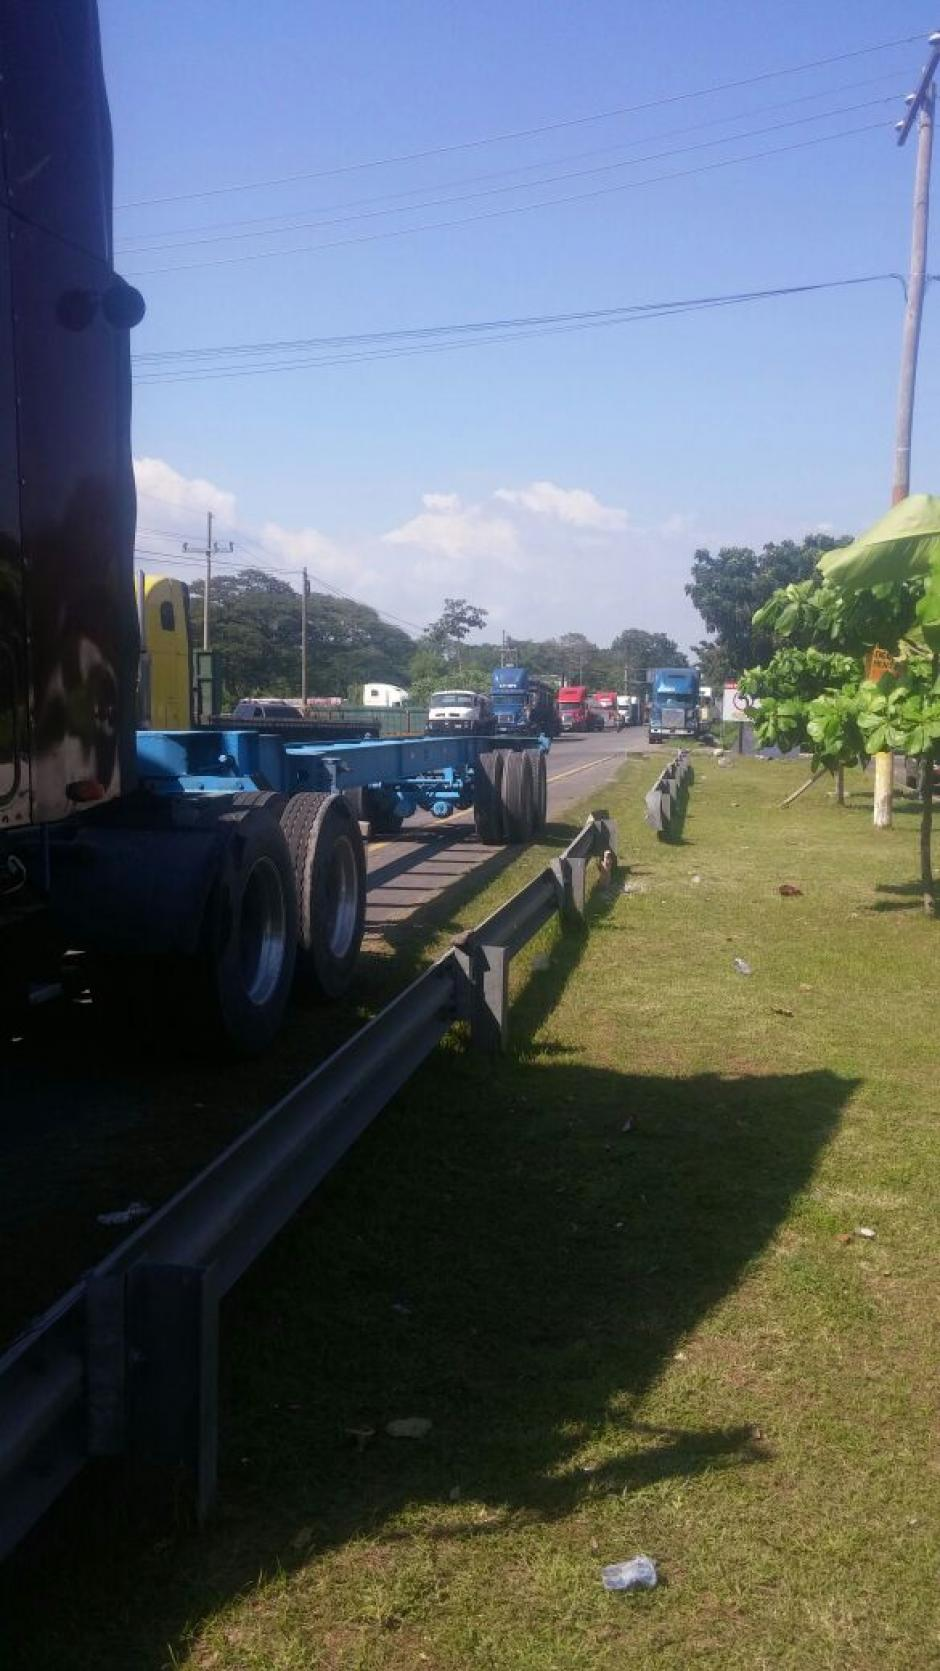 La gremial asegura que no dejarán pasar ninguna pipa de combustible. (Foto: Rony Mendoza/ Secretario Gremial de Transporte Pesado)